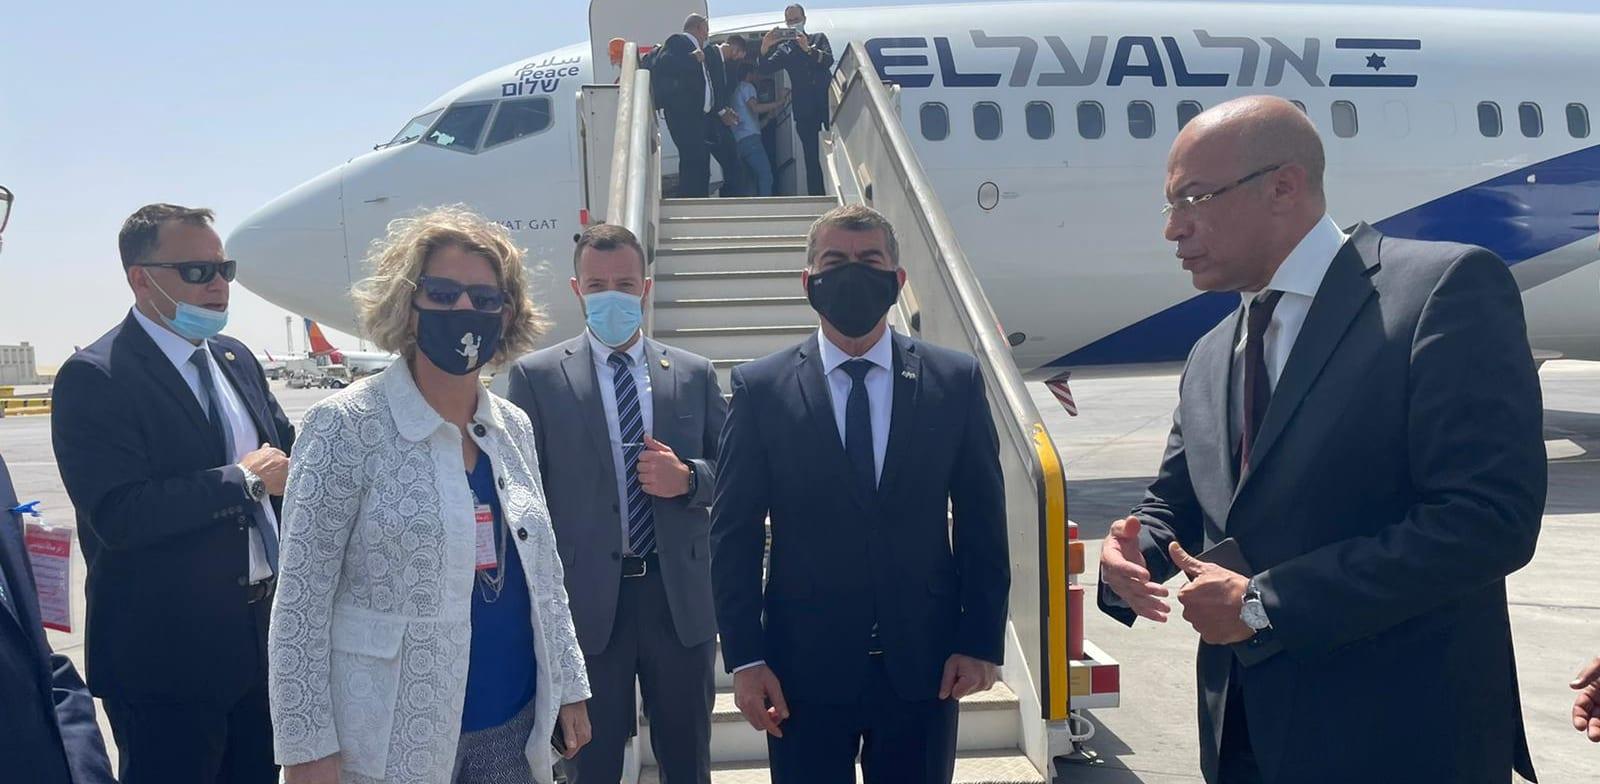 שר החוץ גבי אשכנזי והשגרירה במצרים אמירה אורון בנמל התעופה בקהיר / צילום: משרד החוץ